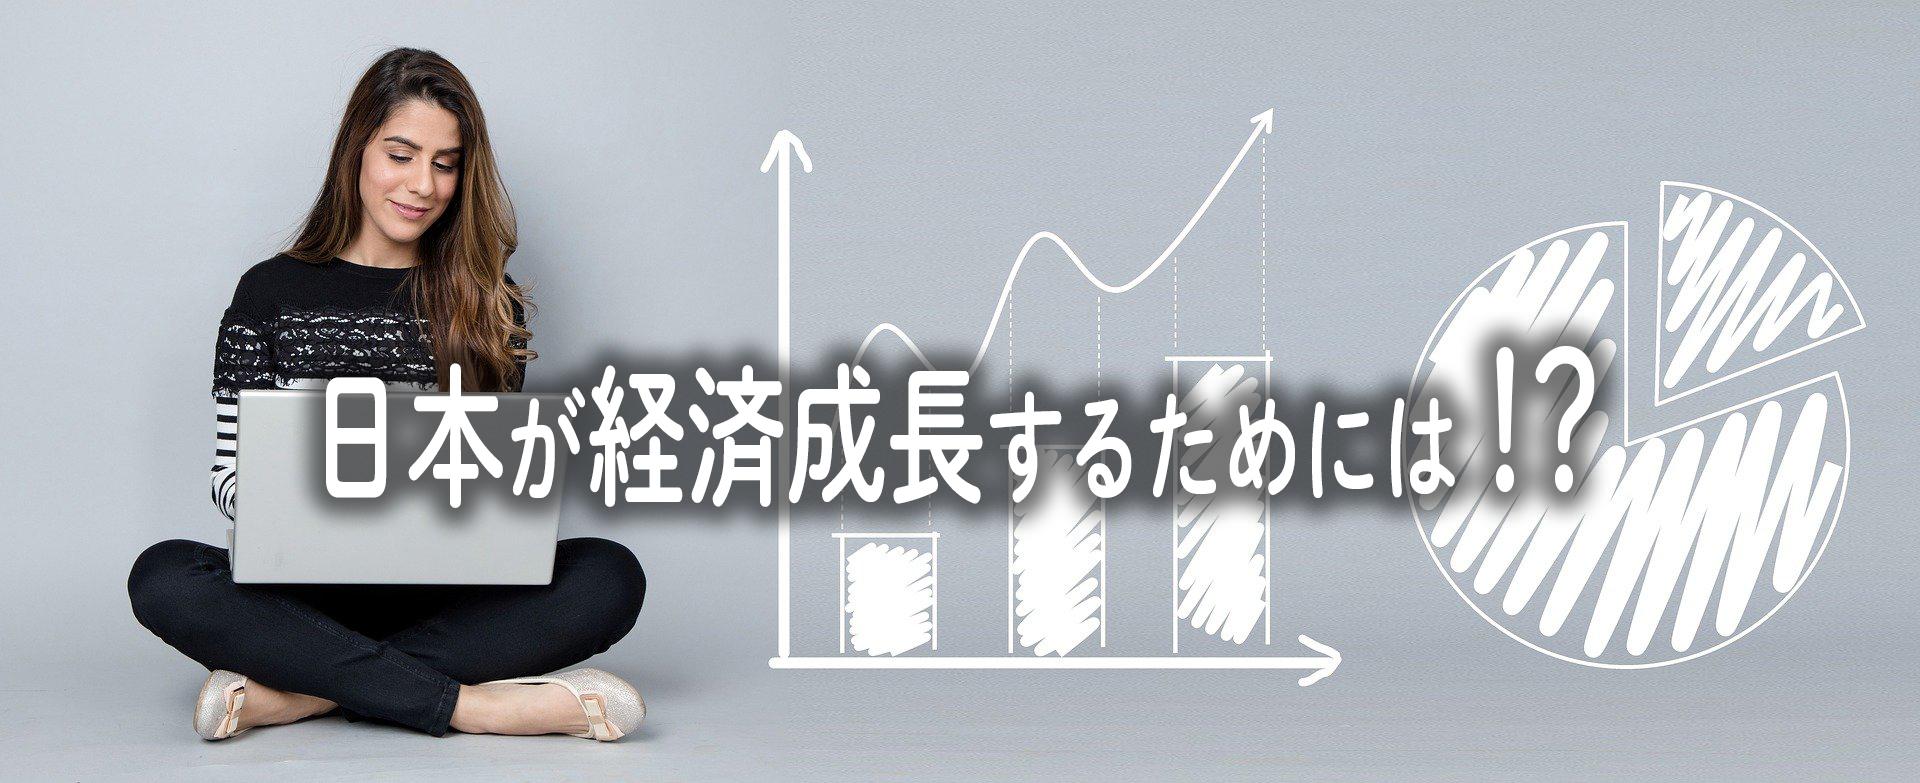 日本が経済成長するためには